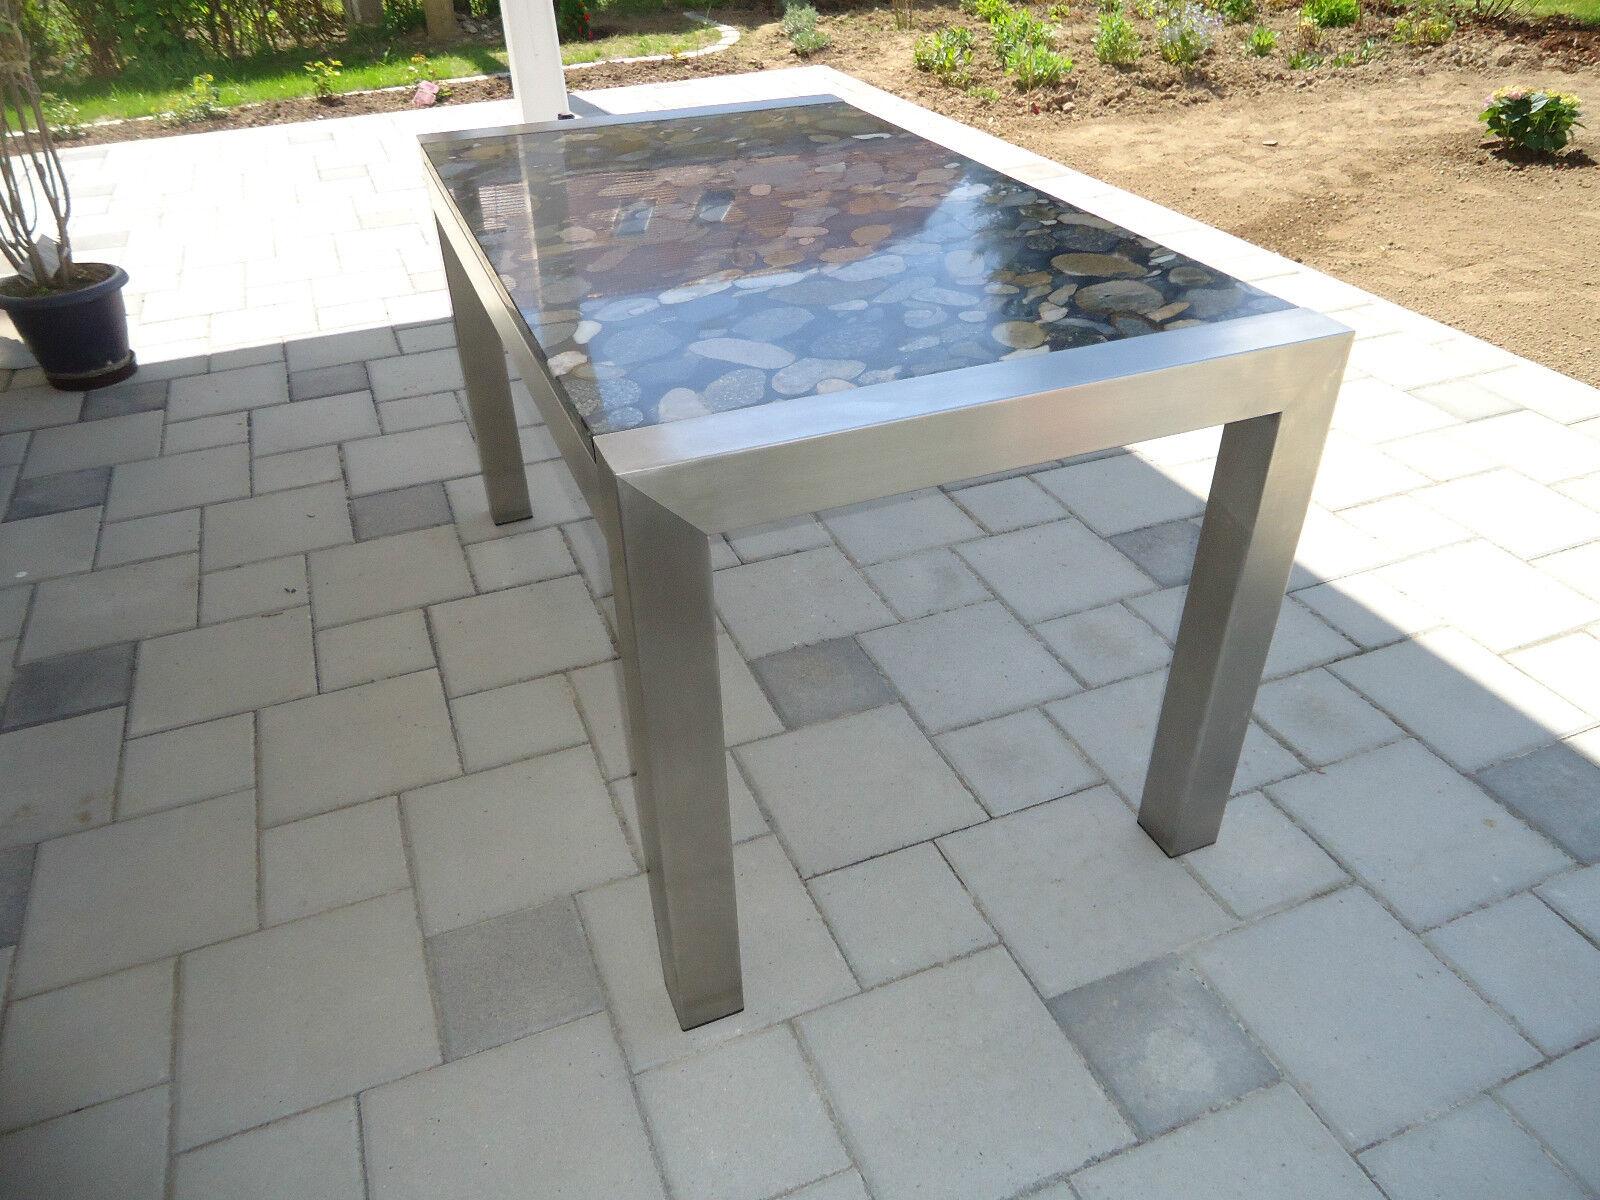 Esstisch steinplatte design inspiration for Wohnzimmertisch mit steinplatte